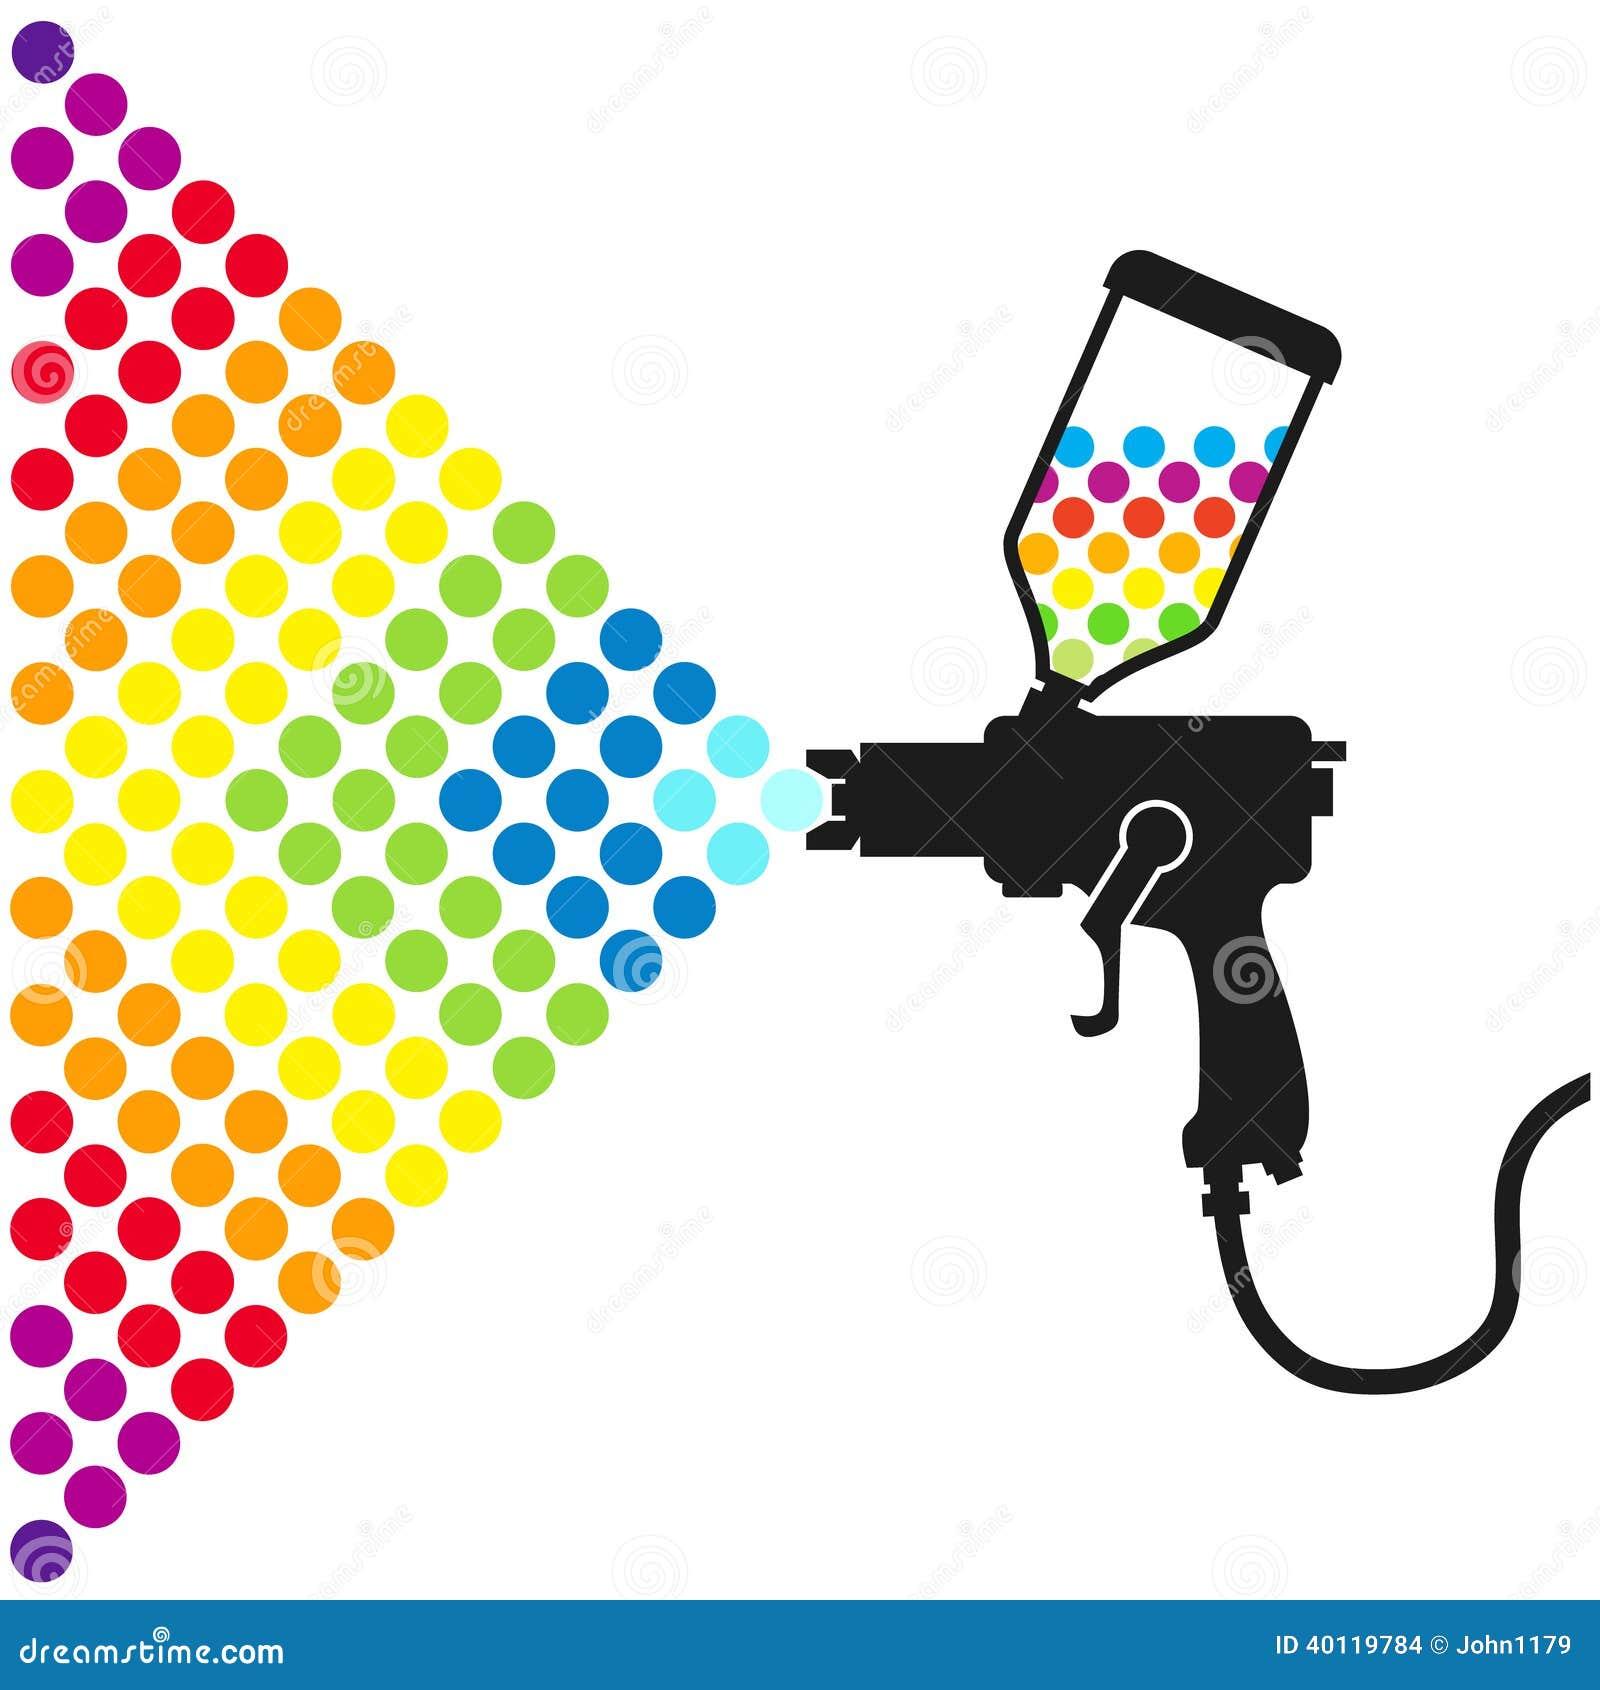 paint spray gun stock vector illustration of equipment 40119784 rh dreamstime com spray paint vector brush spray paint vector brush illustrator